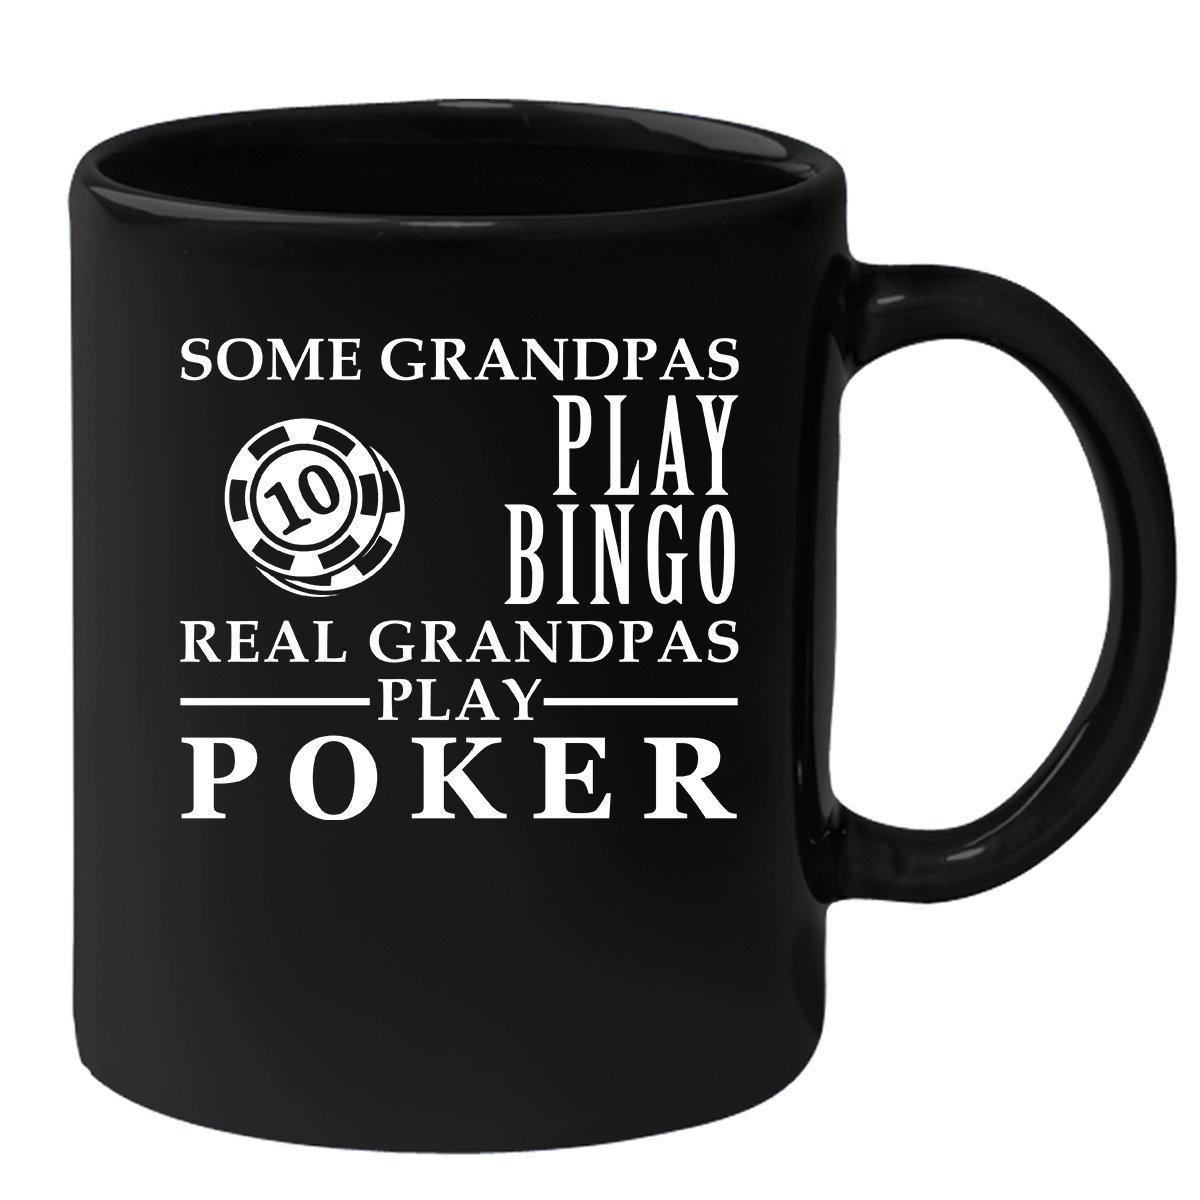 Grandpa Coffee Mug Black 11oz Some Grandpas play bingo, real Grandpas play Poker, Poker Mug